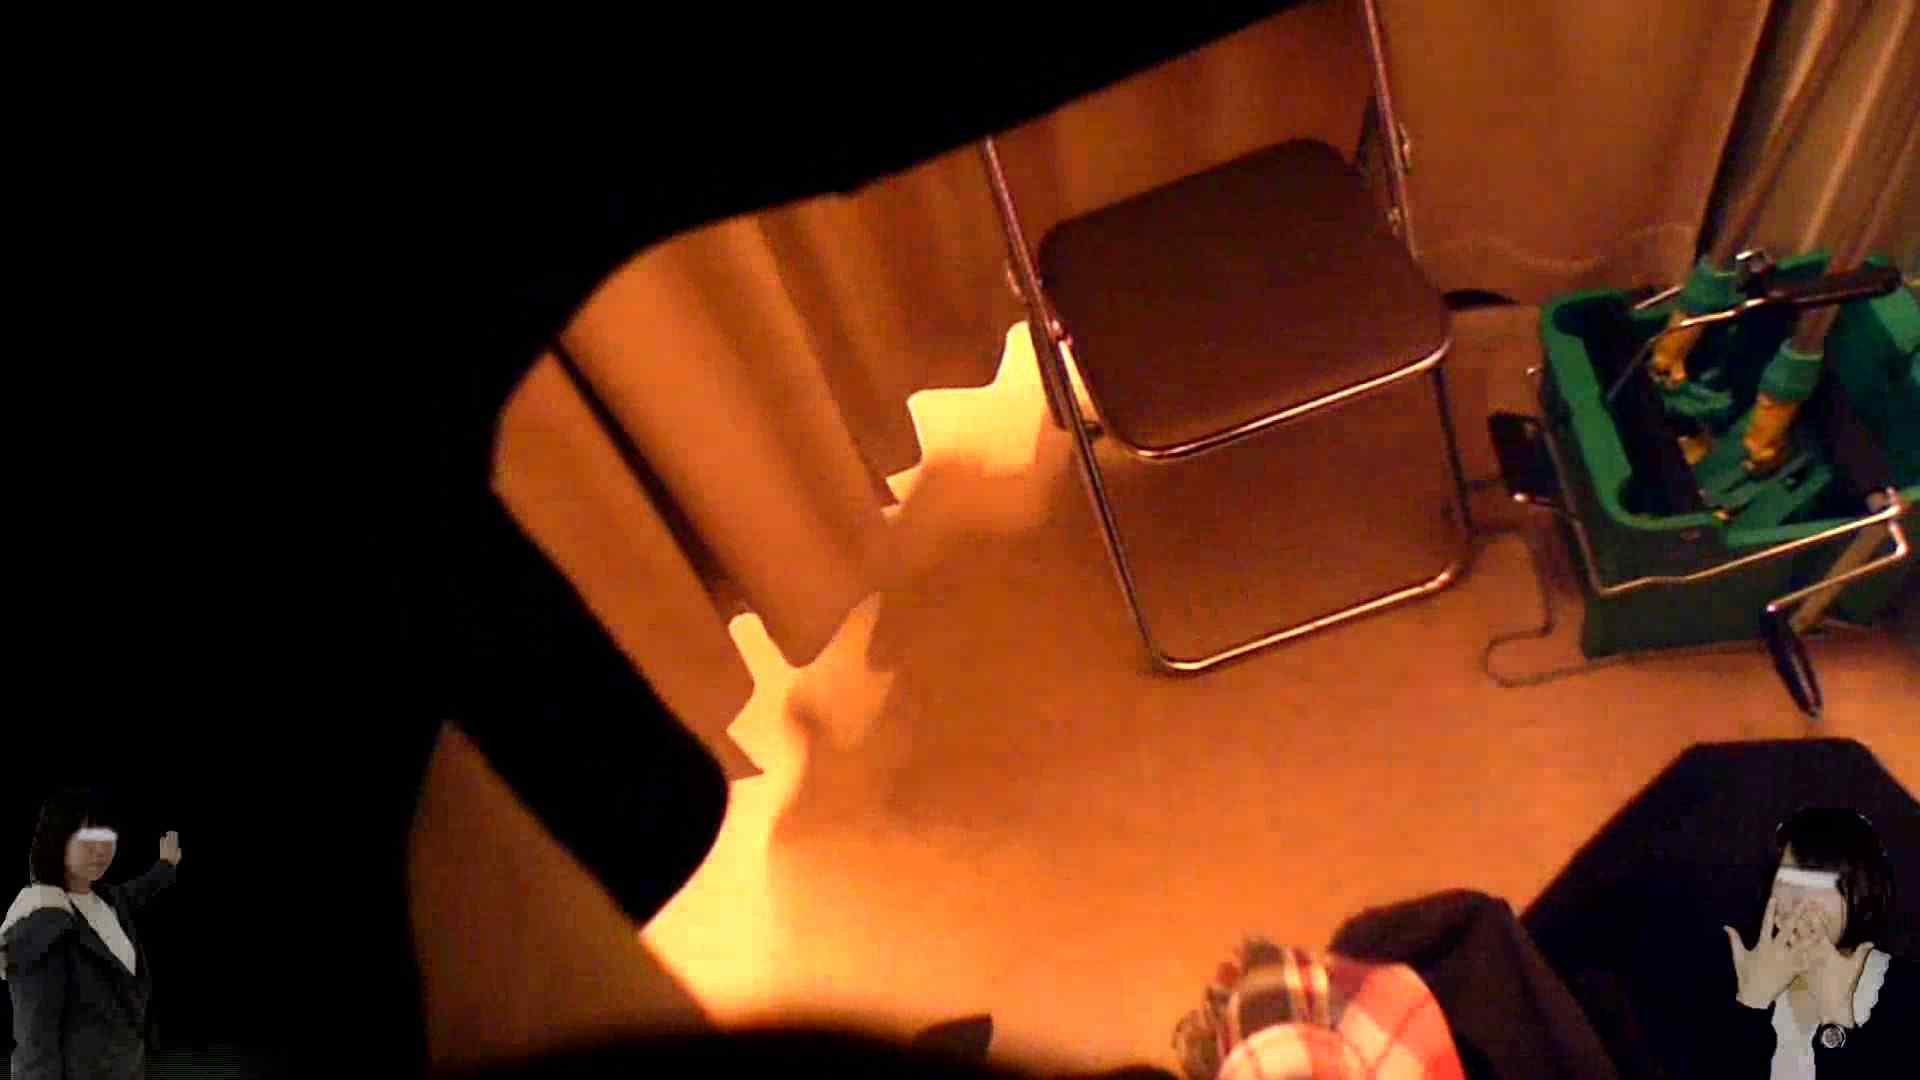 素人投稿 現役「JD」Eちゃんの着替え Vol.04 美しいOLの裸体   投稿  107pic 1